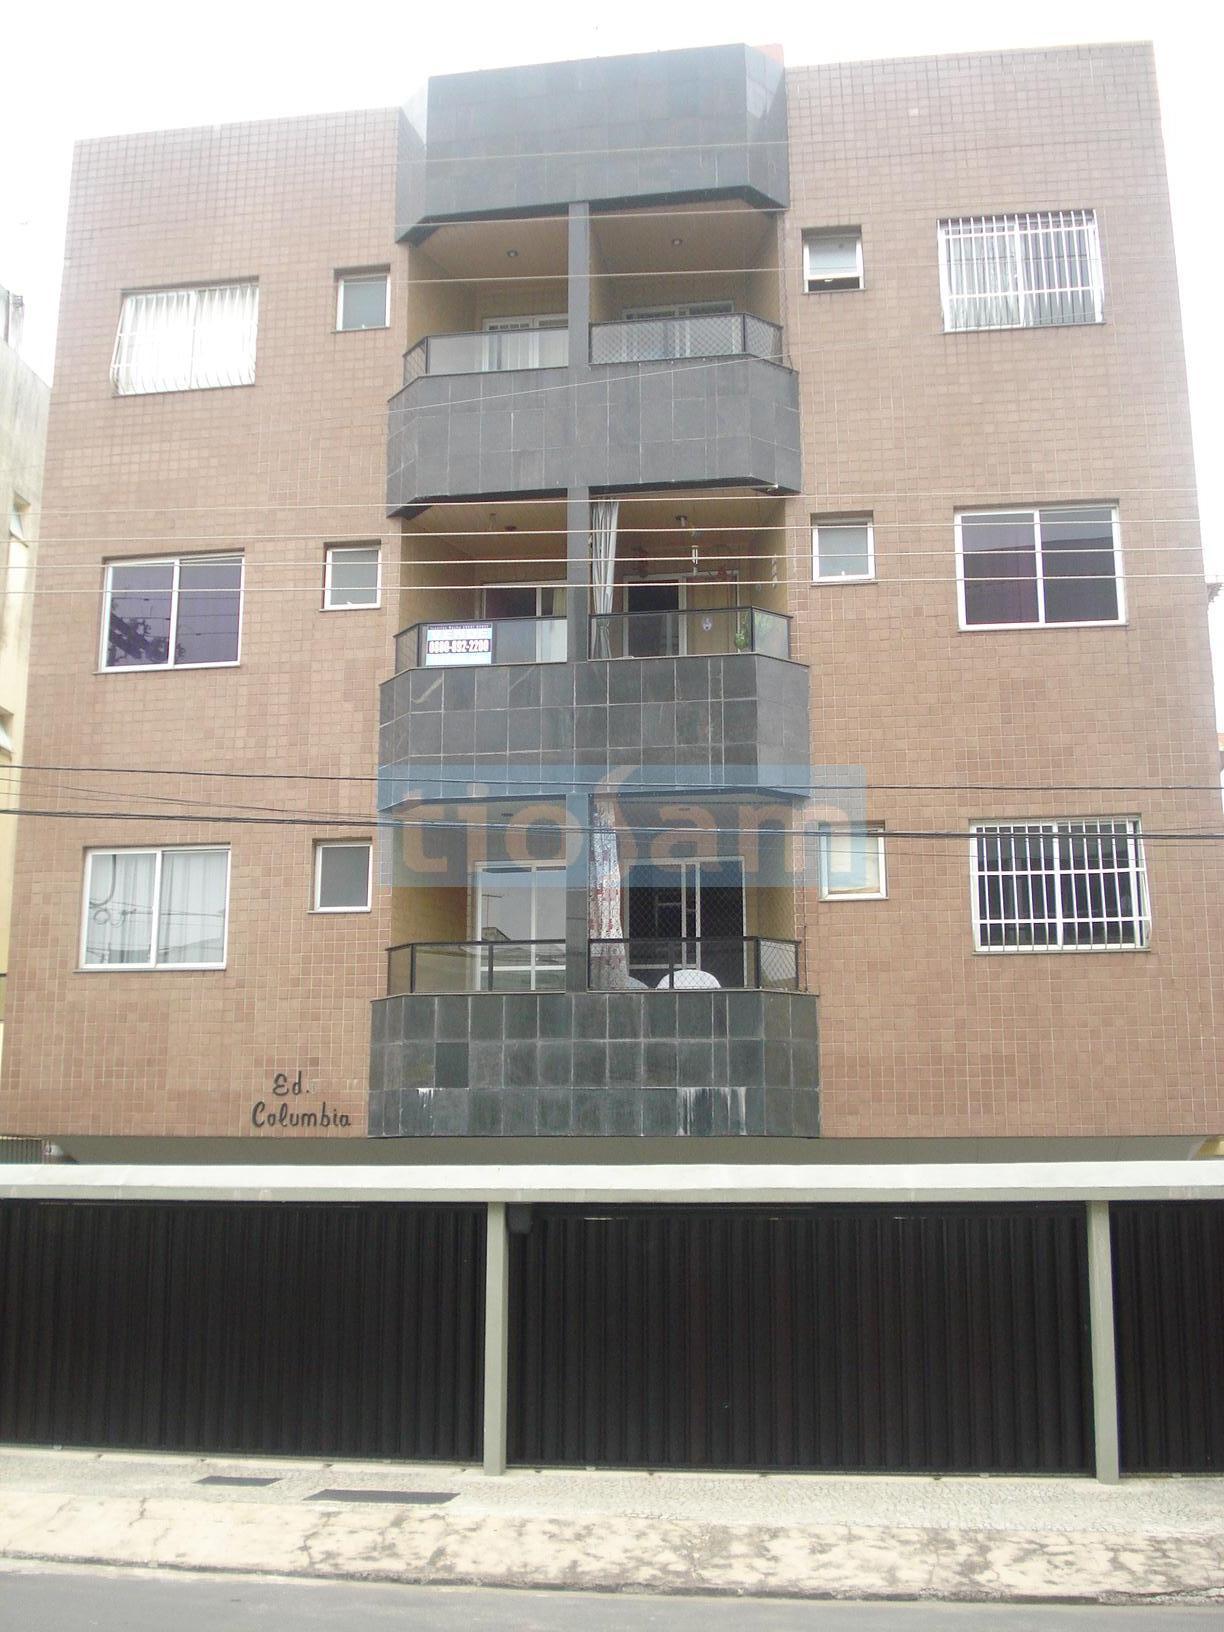 Apartamento dois quartos com 2 vagas de garagem Edifício Columbia Praia do Morro Guarapari ES